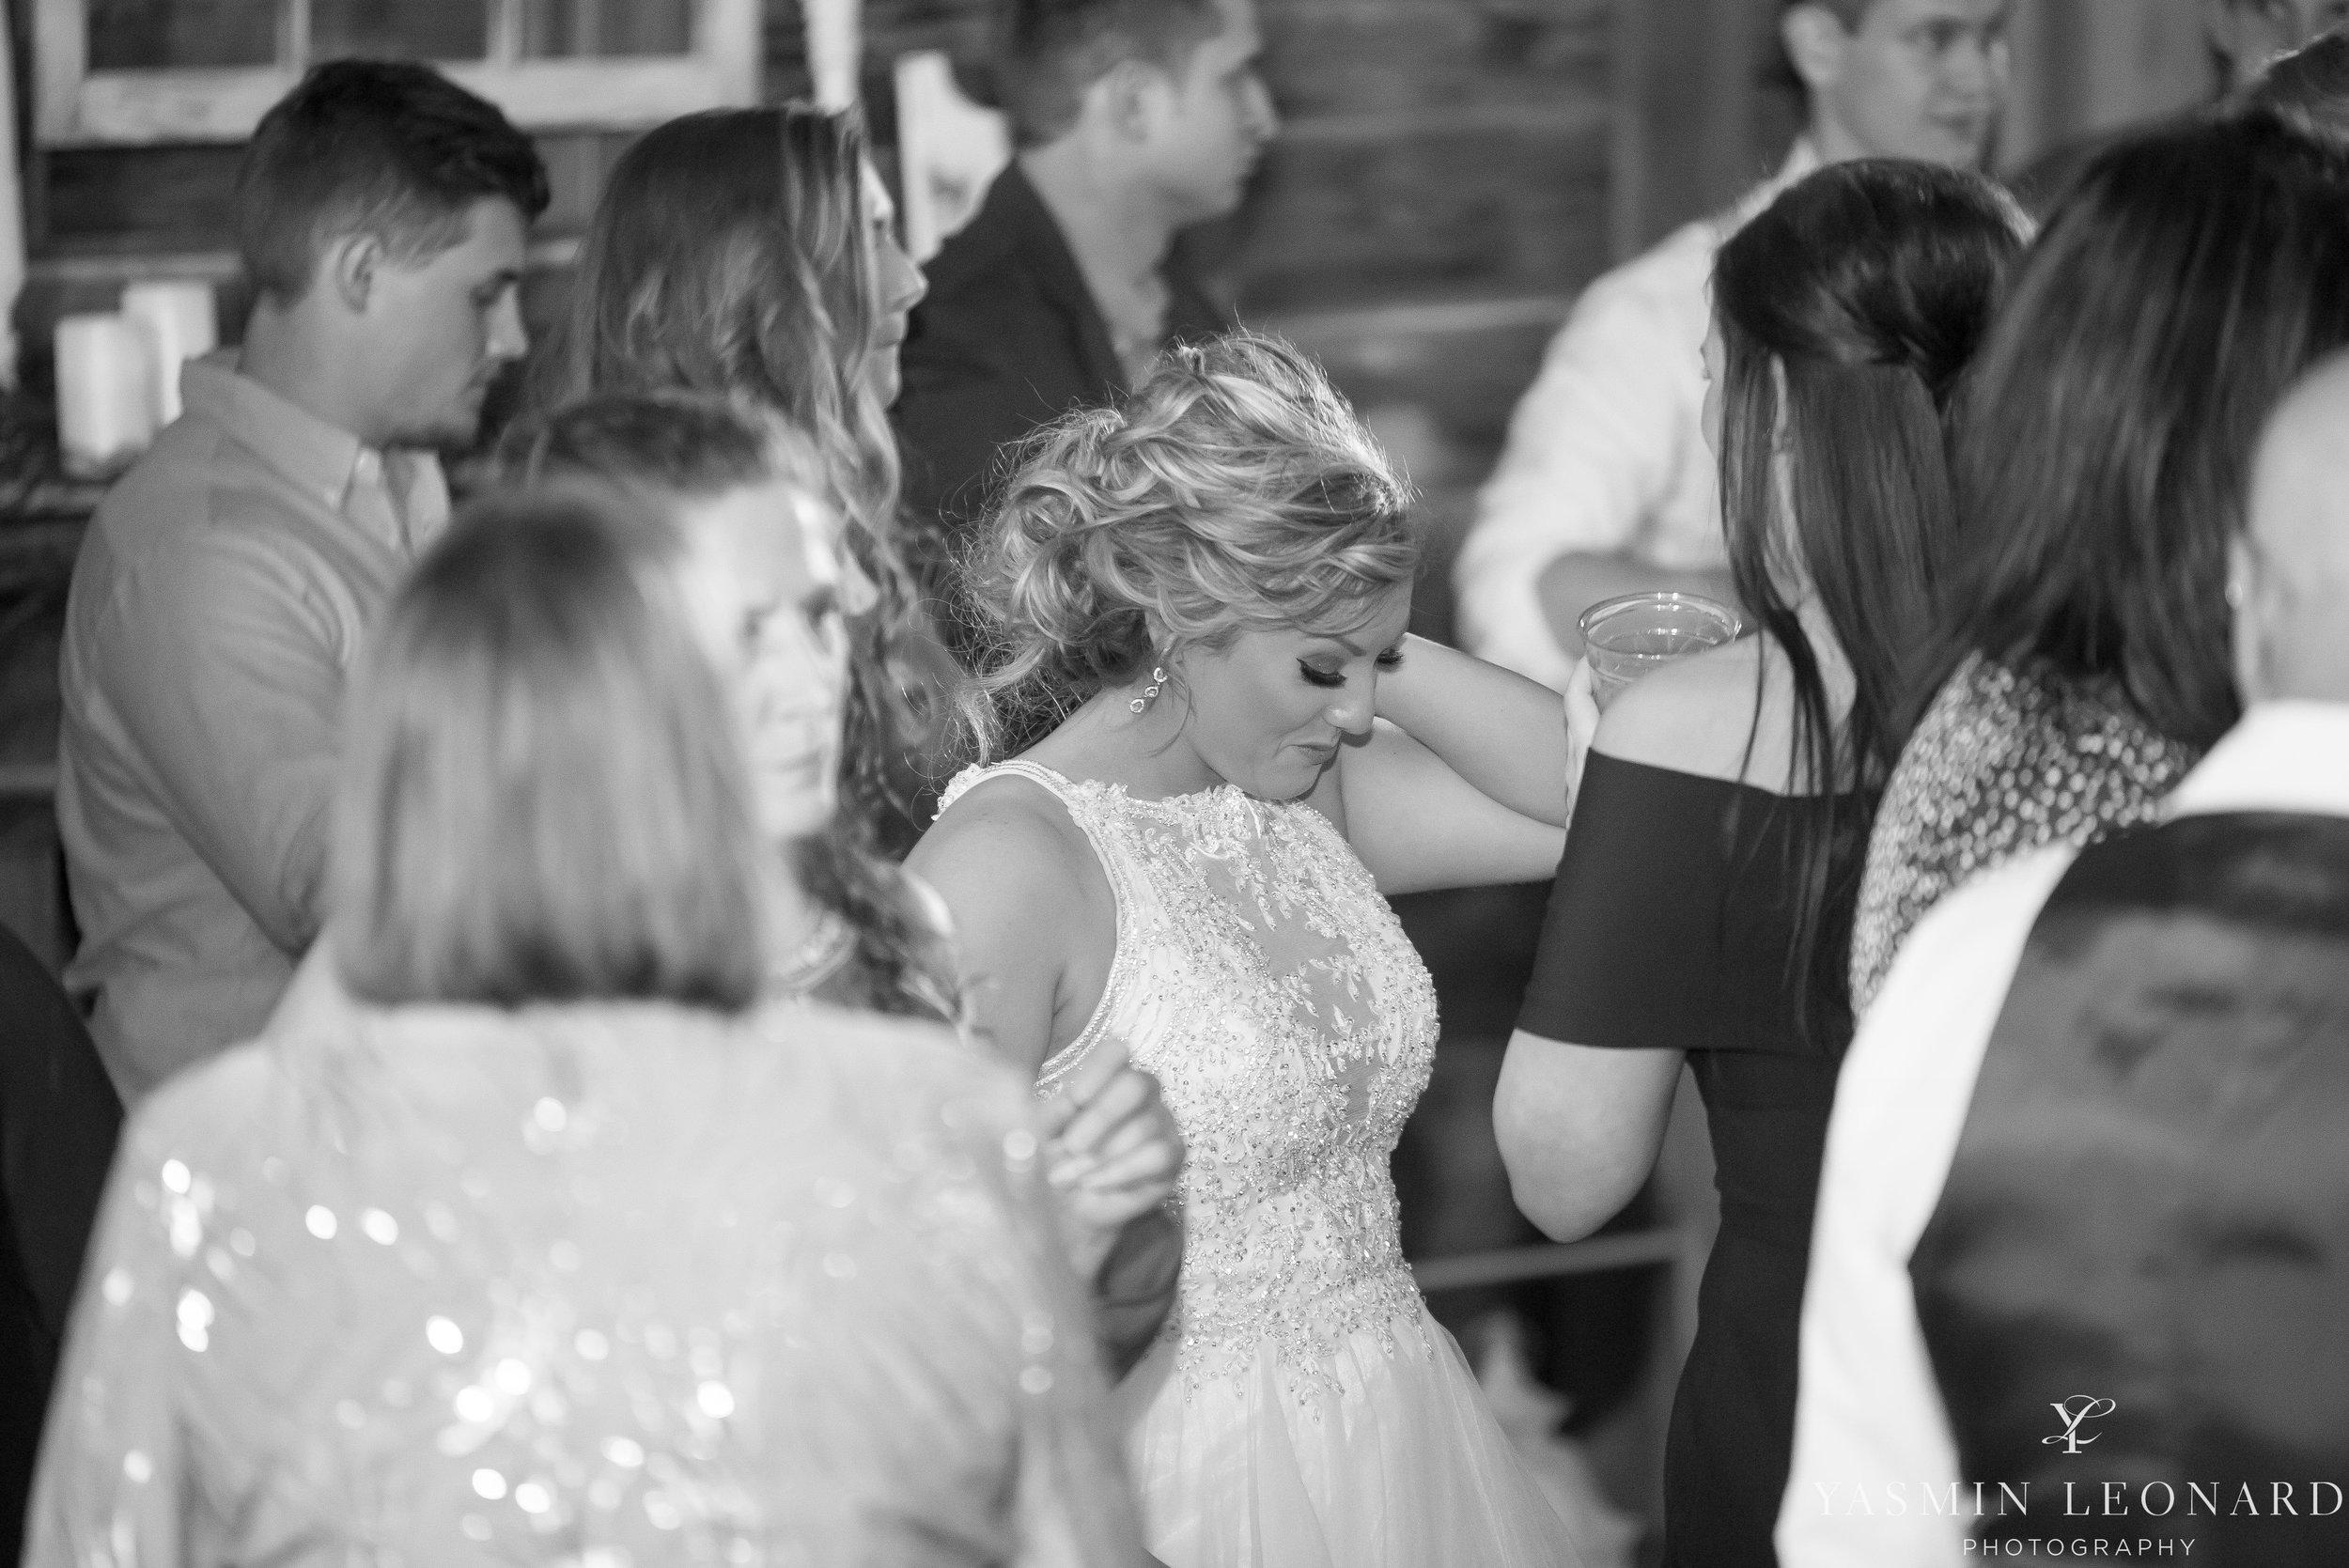 Millikan Farms - Millikan Farms Wedding - Sophia NC Wedding - NC Wedding - NC Wedding Photographer - Yasmin Leonard Photography - High Point Photographer - Barn Wedding - Wedding Venues in NC - Triad Wedding Photographer-81.jpg